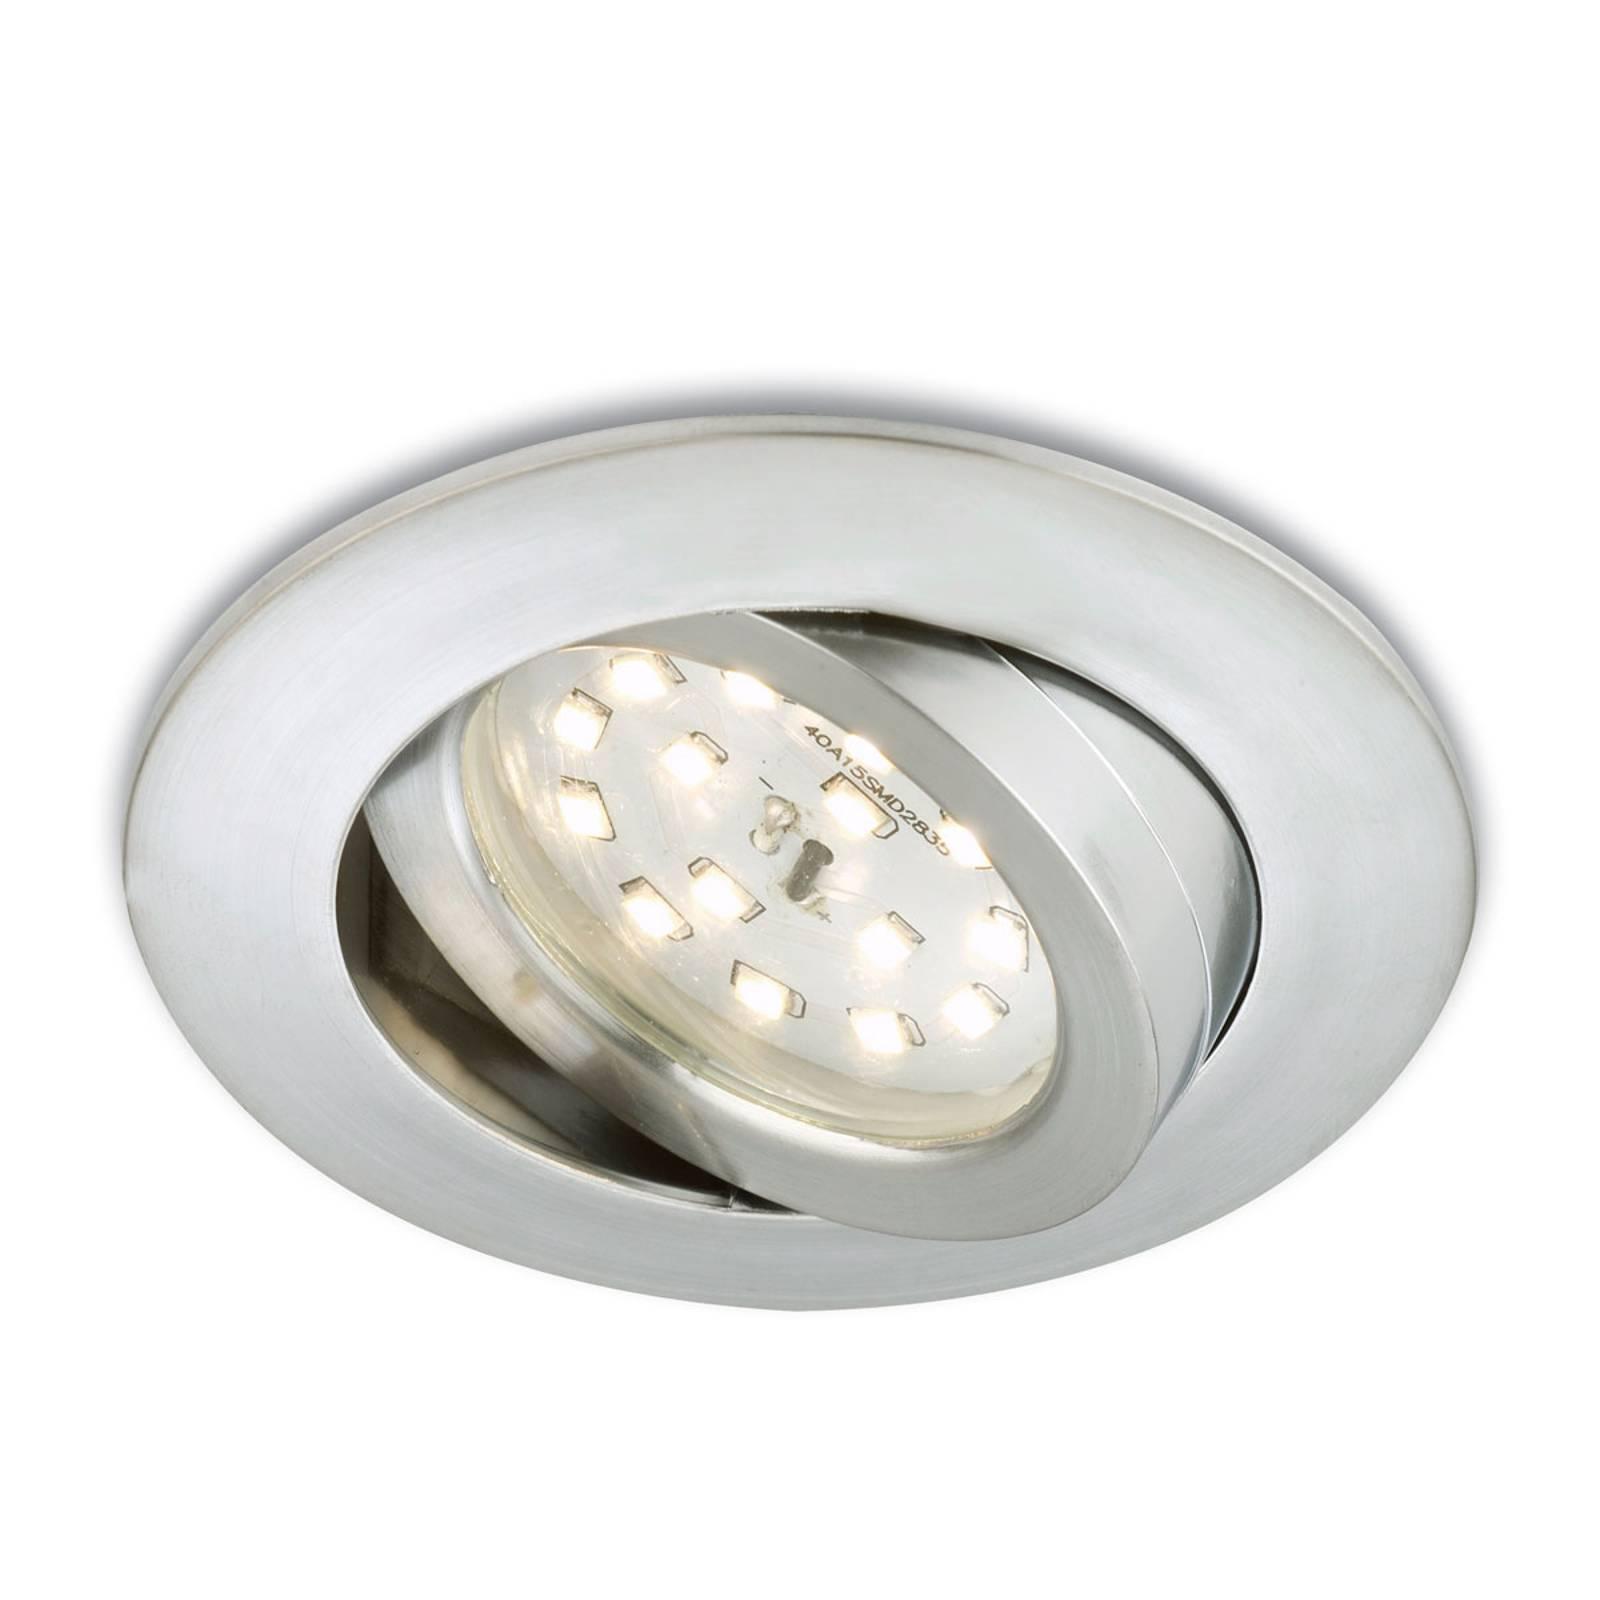 Aluminiowy reflektor wpuszczany LED Erik wychylany